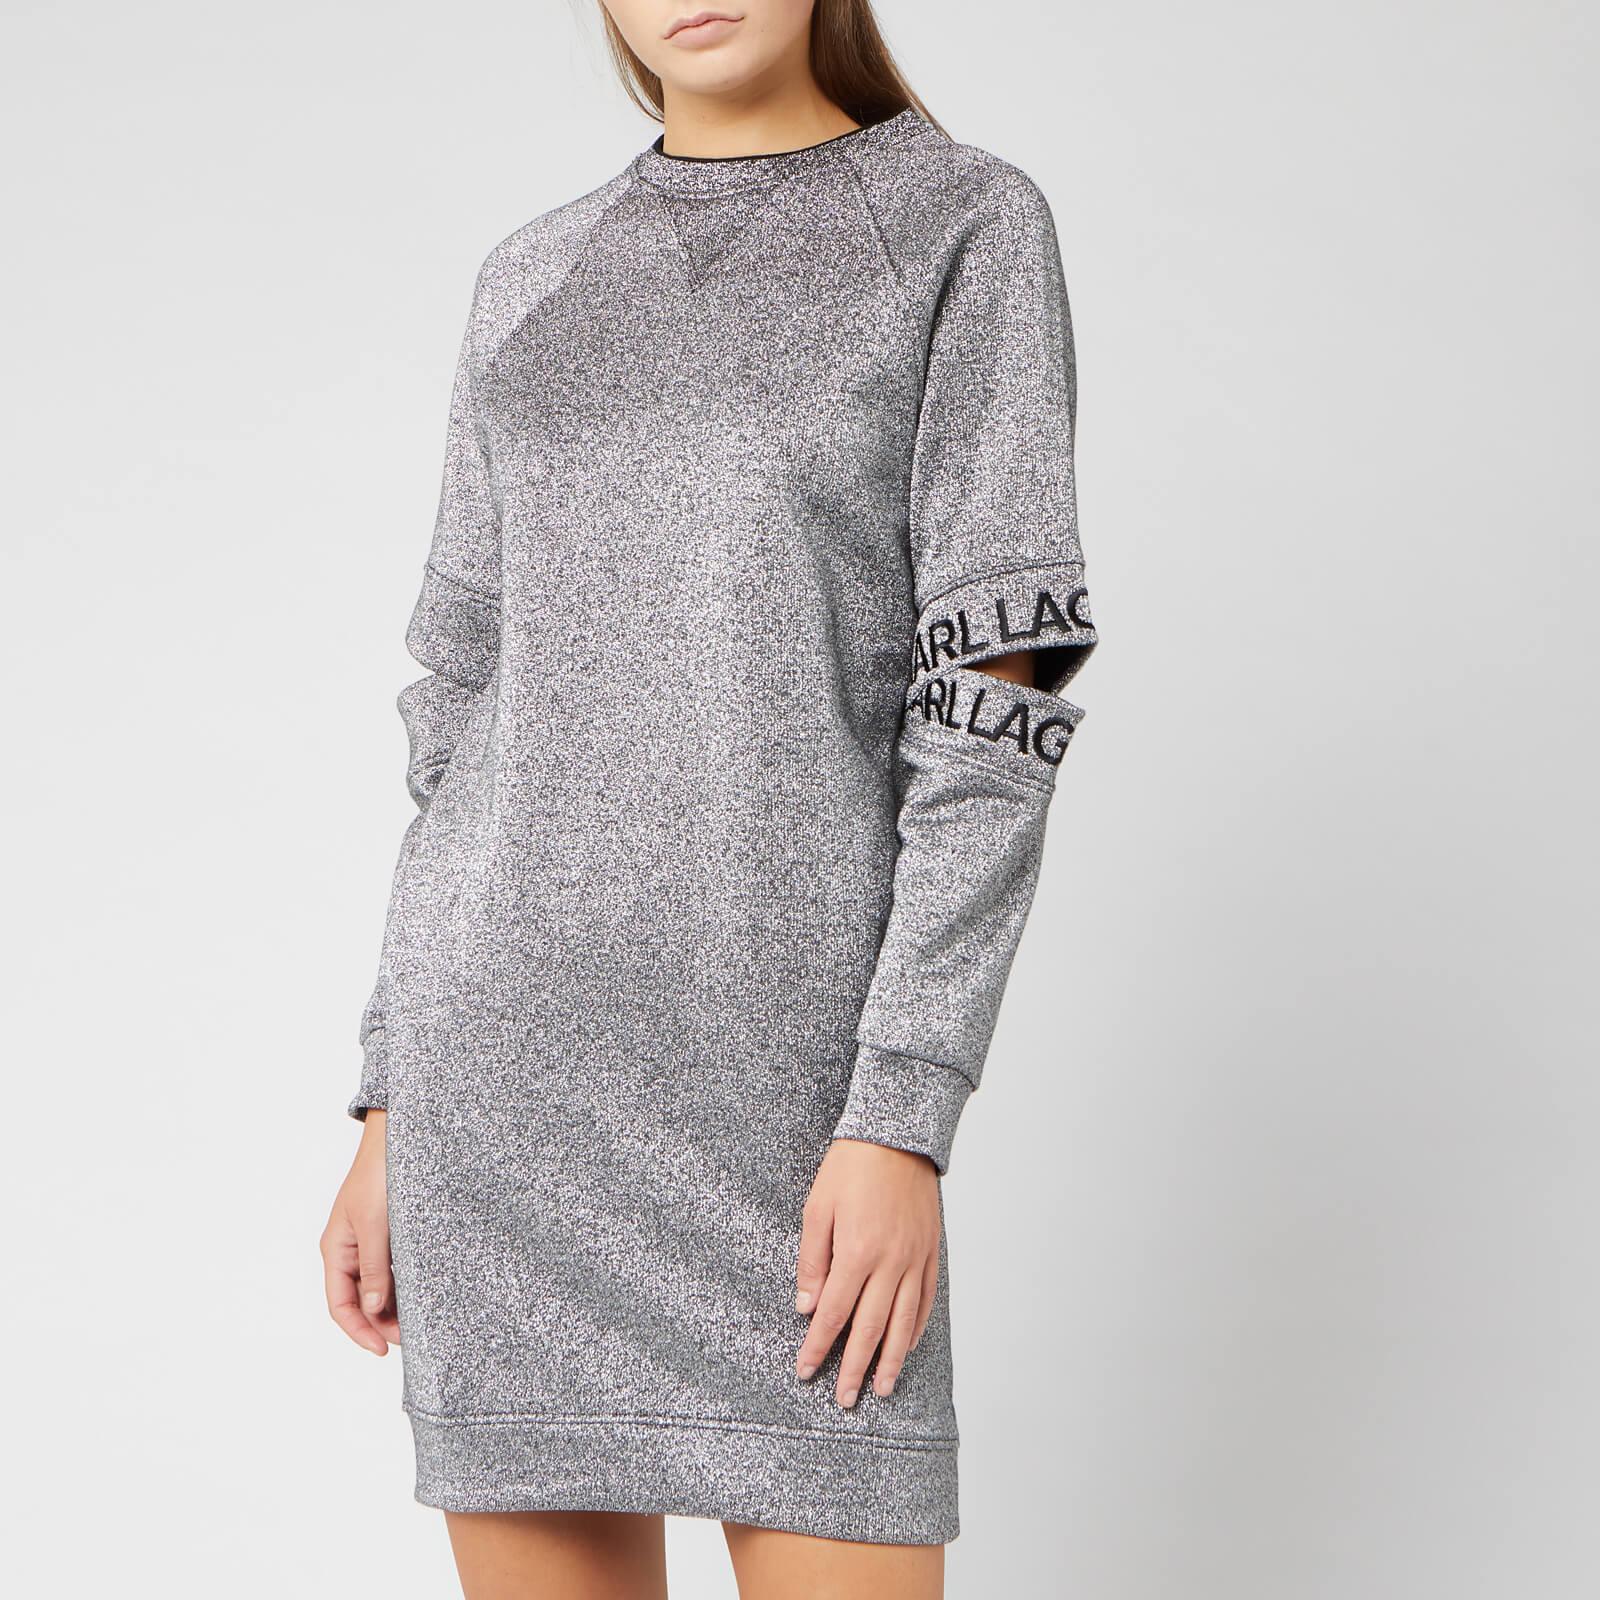 Karl Lagerfeld Women's Cut Out Sleeve Sweat Dress - Silver - S